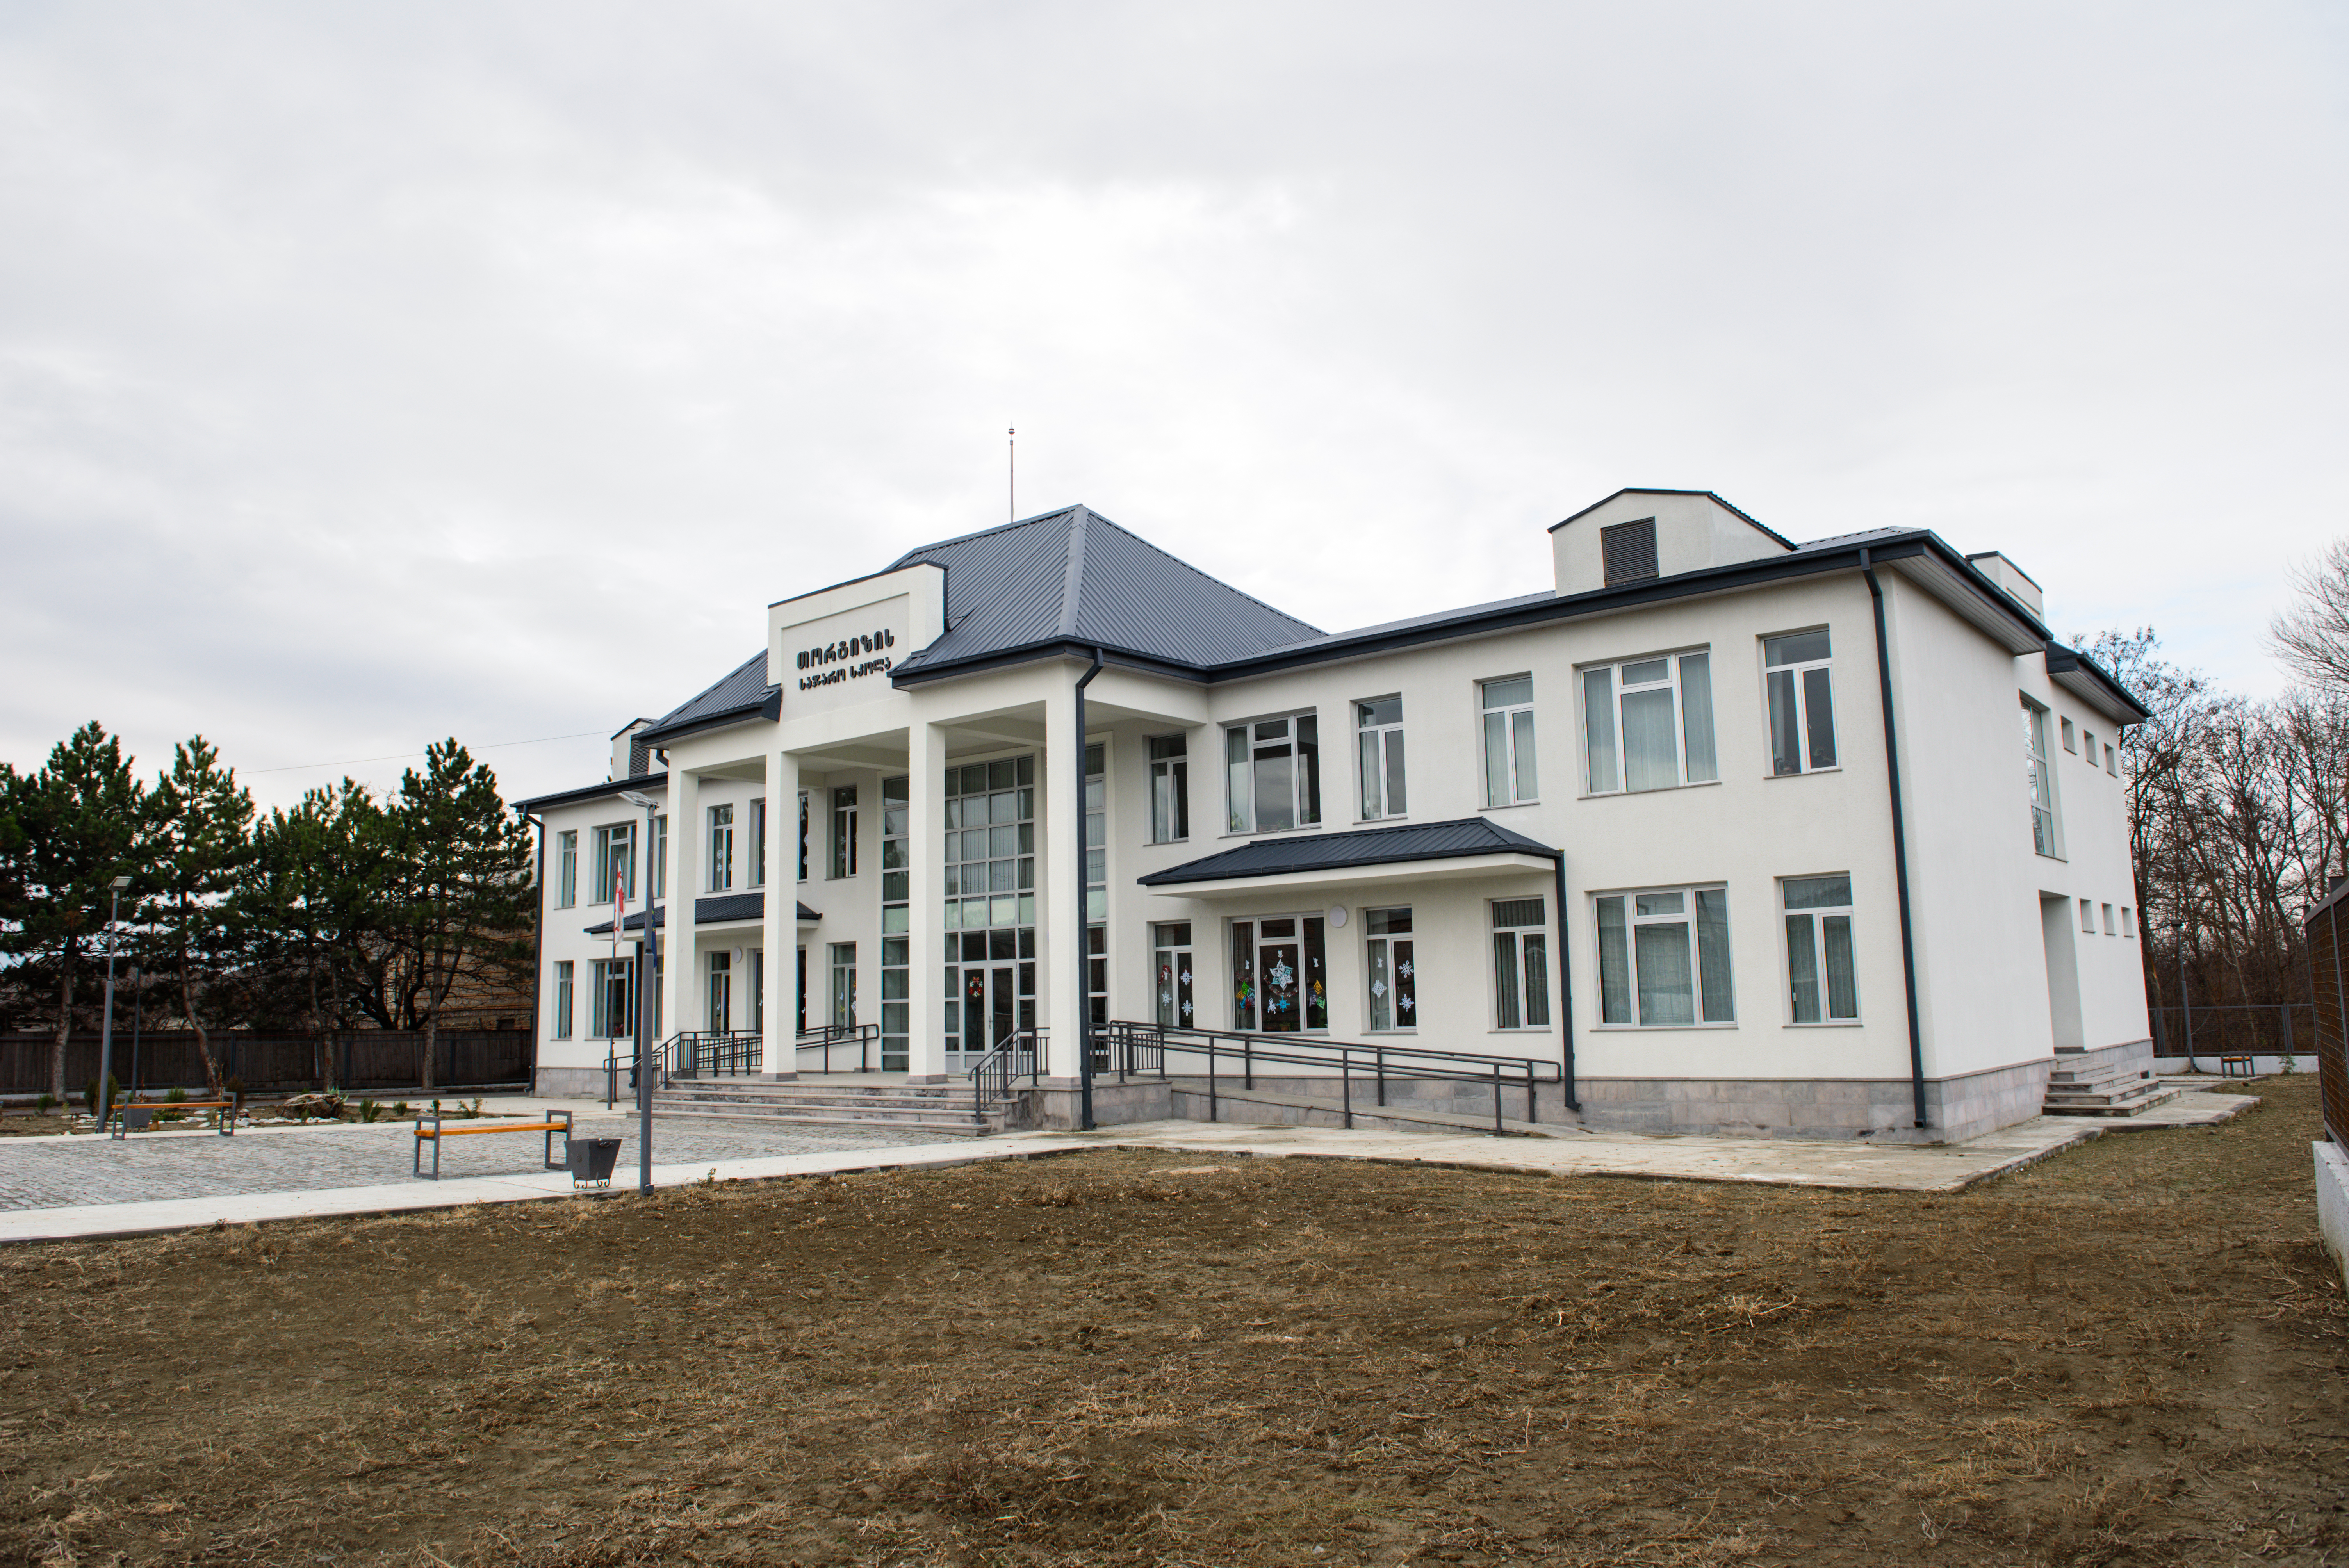 გორის მუნიციპალიტეტის სოფელ თორტიზის საჯარო სკოლა